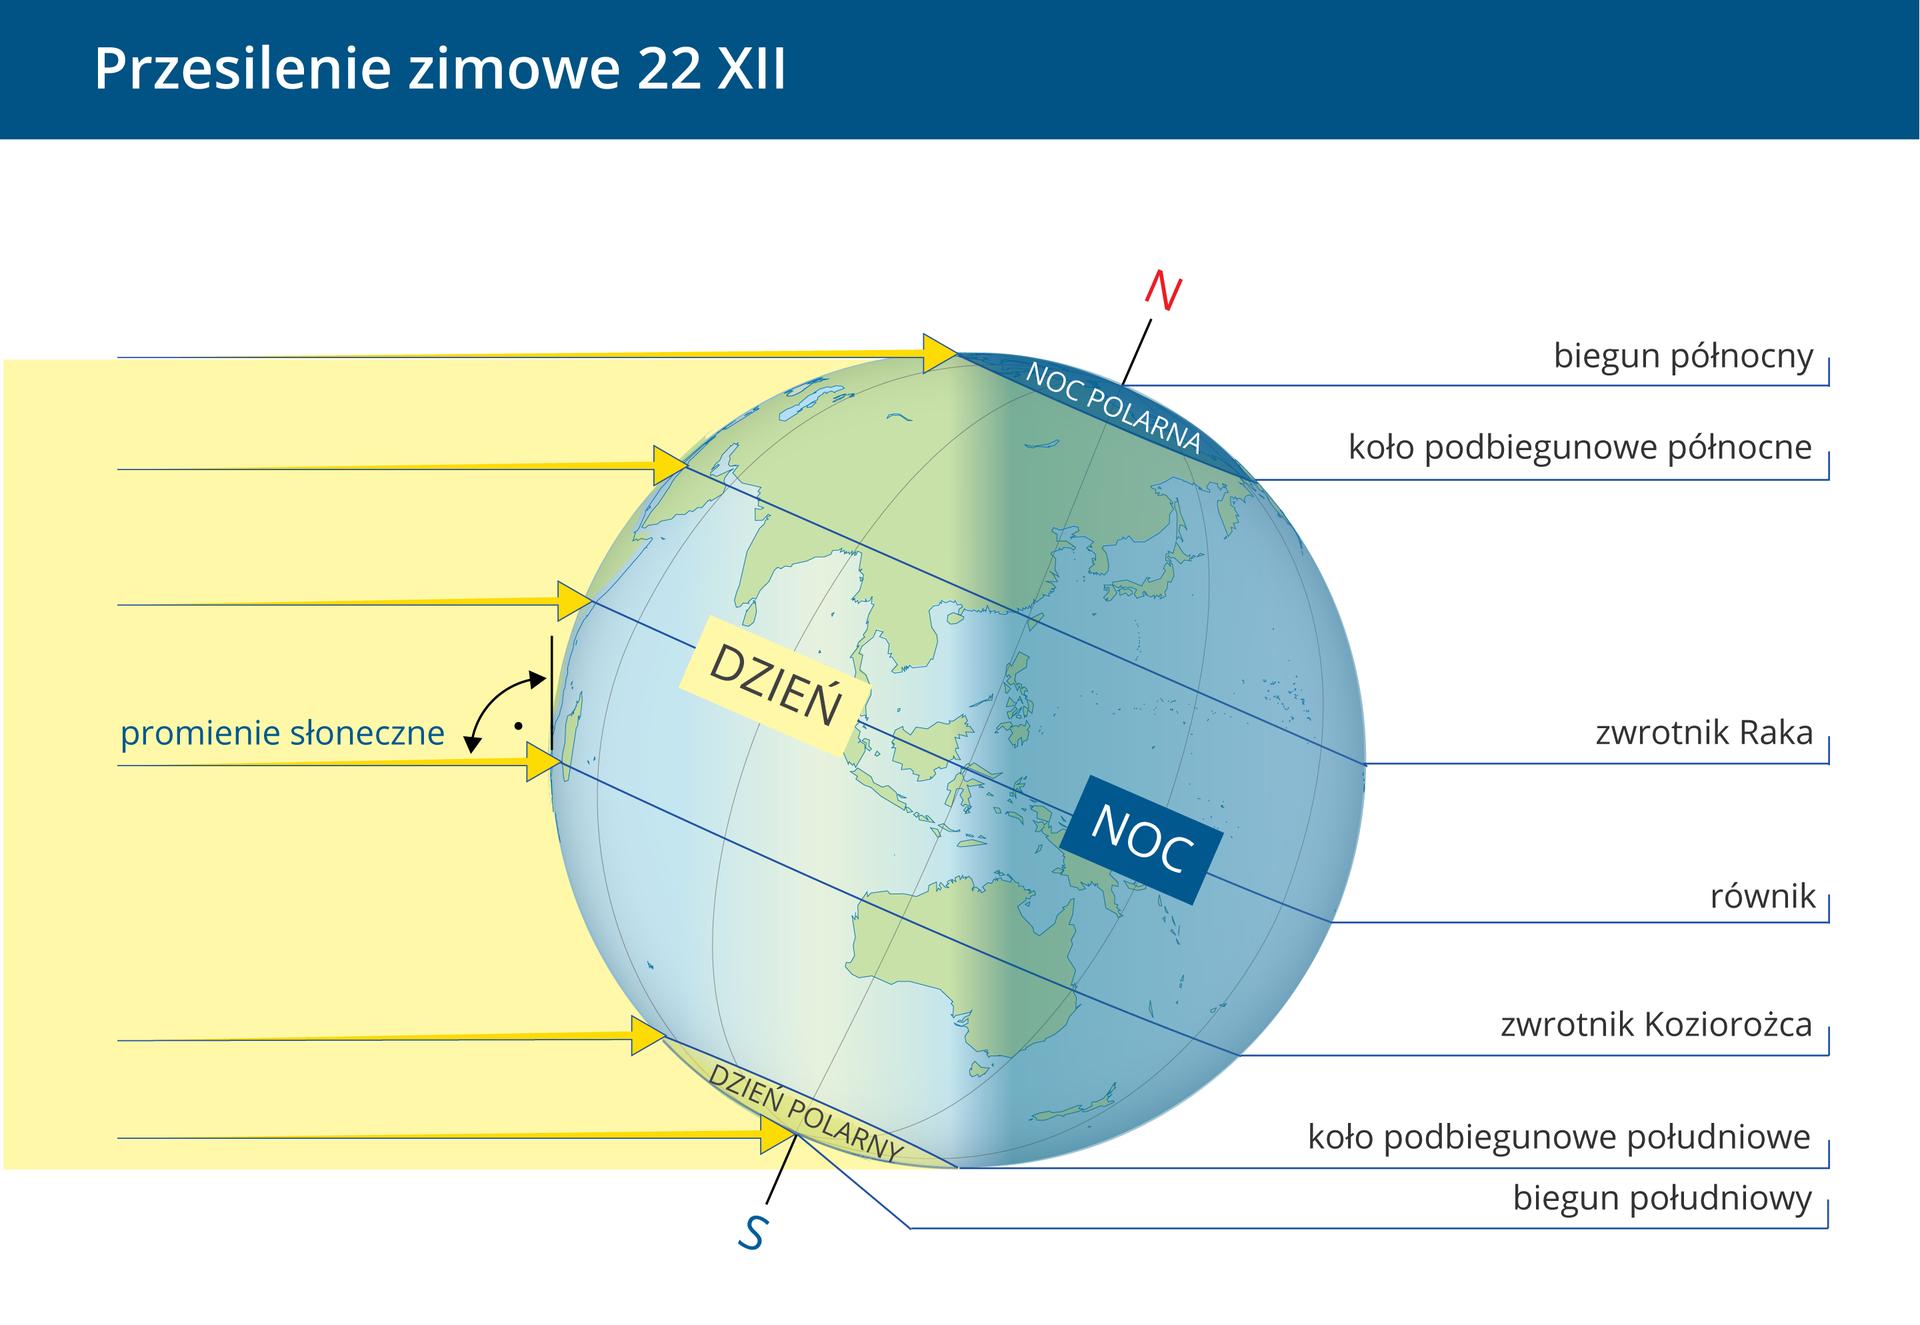 Czwarta ilustracja – przesilenie zimowe, 22 grudnia. Kula Ziemska jest nachylona wprawo. Promienie słoneczne oświetlają zlewej strony: koło podbiegunowe północne, zwrotnik Raka, równik, zwrotnik Koziorożca, koło podbiegunowe południowe, biegun południowy. Na zwrotnik Koziorożca promienie słoneczne padają pod kątem prostym.